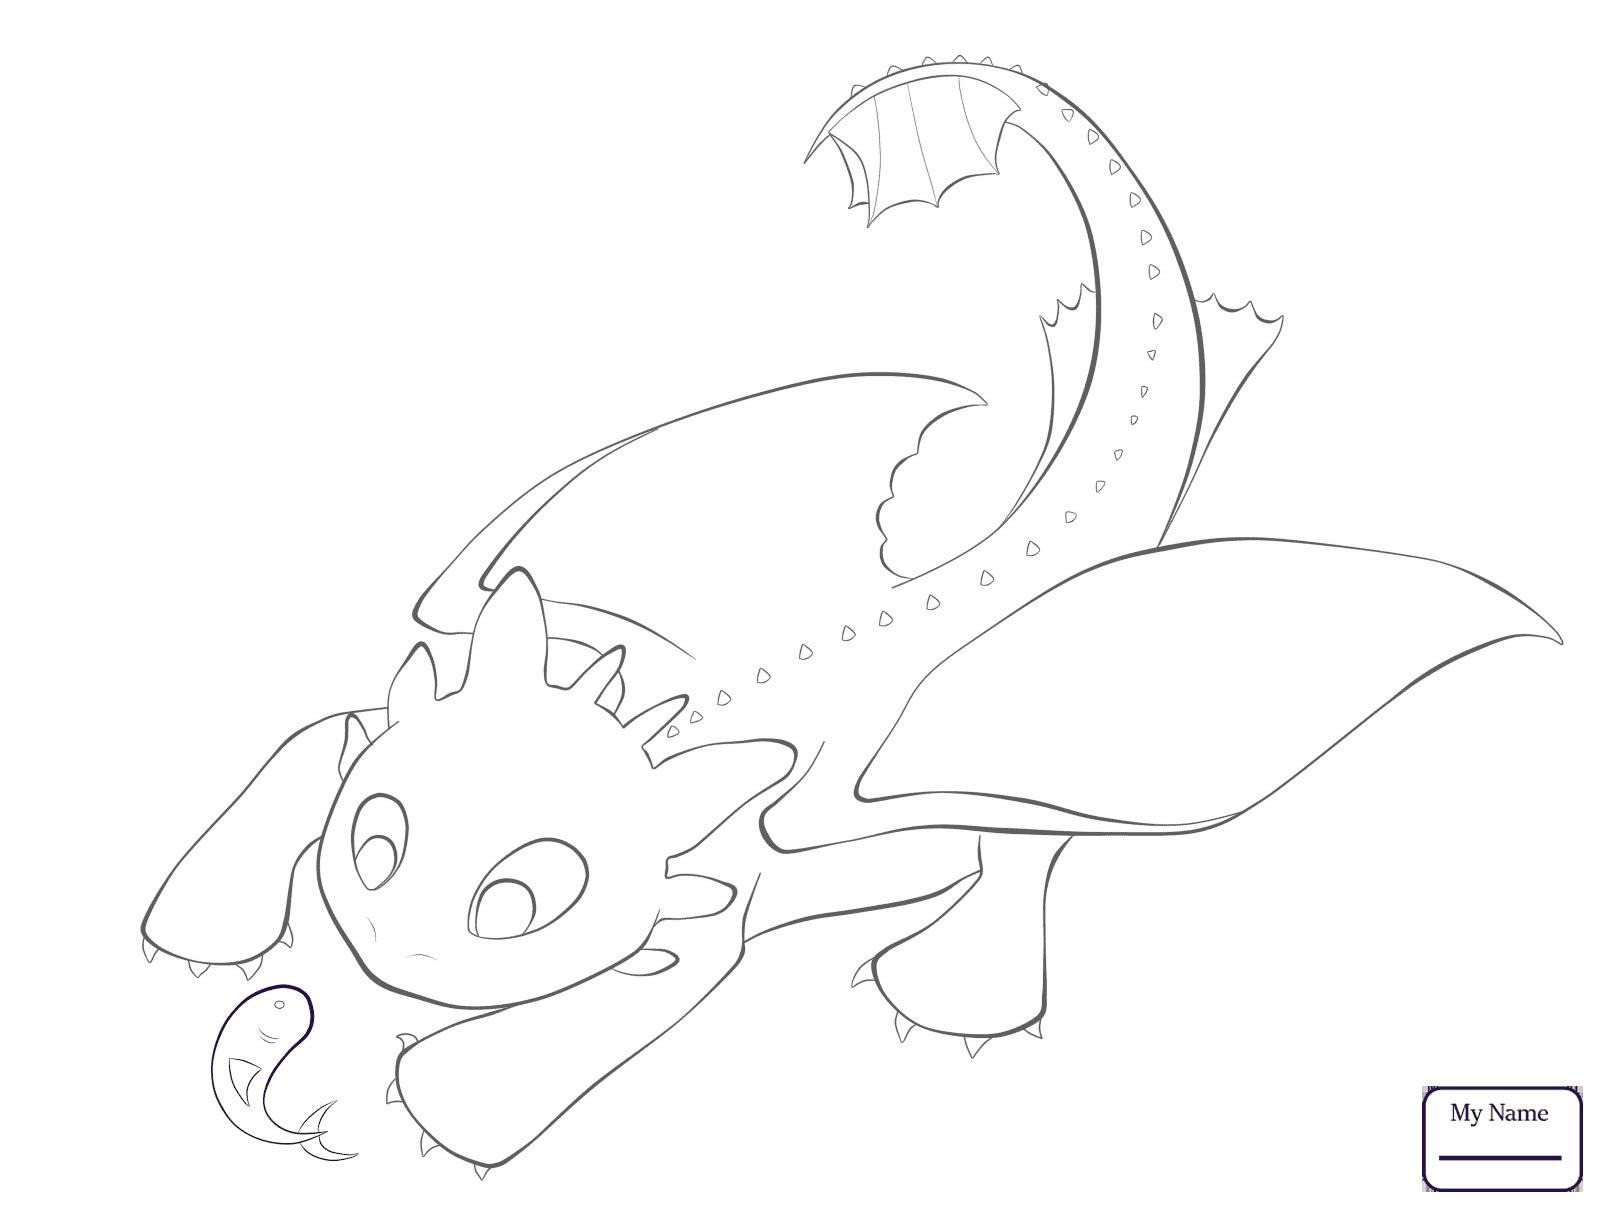 Dragons Auf Zu Neuen Ufern Ausmalbilder Einzigartig Schön Malvorlagen Dragons Skrill Art Von Malvorlagen Neu Fotos